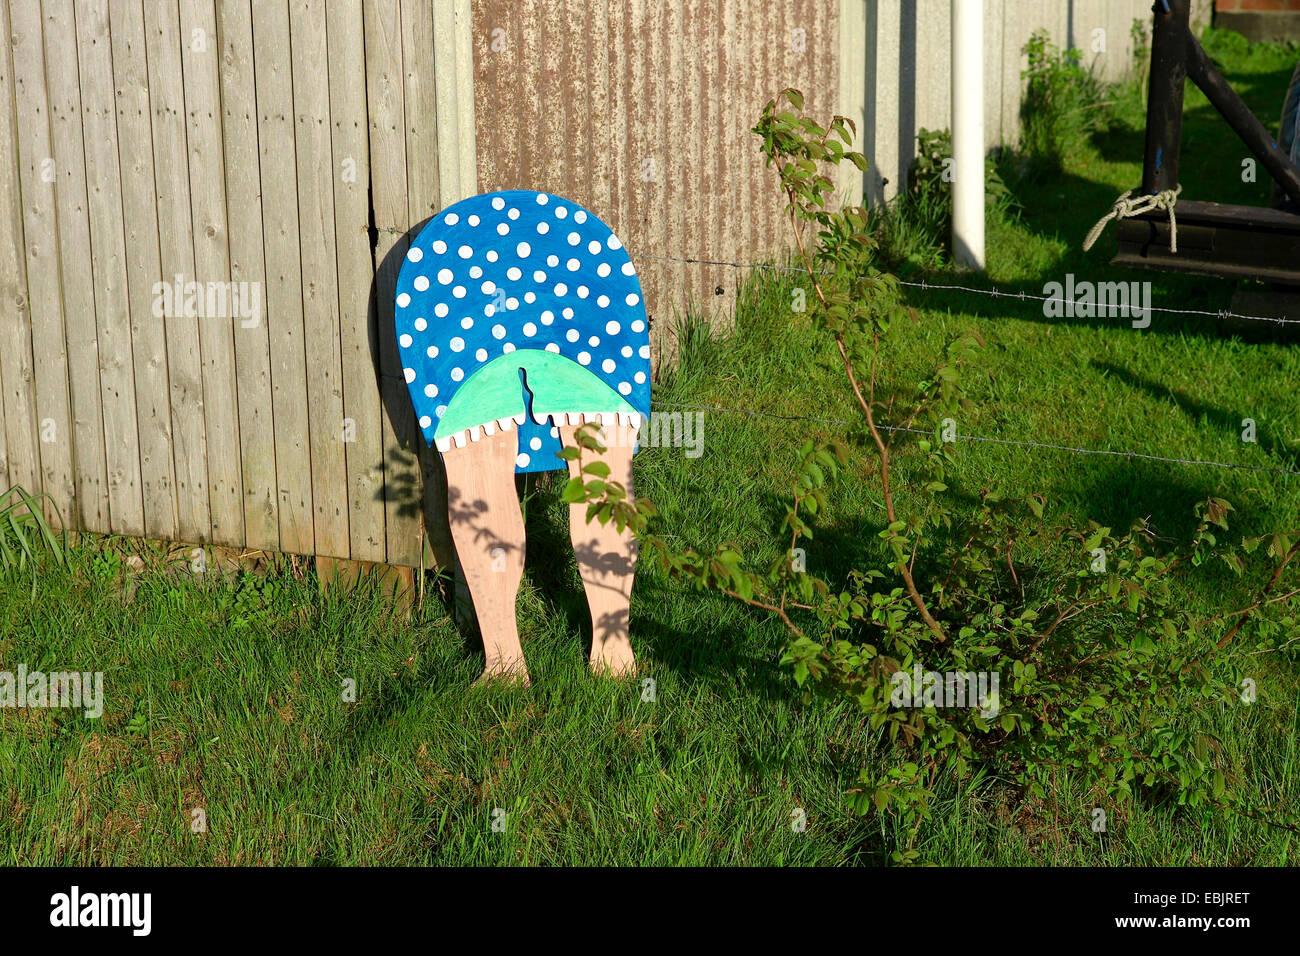 Frau Bücken Holzfigur In Garten Deutschland Stockfoto Bild